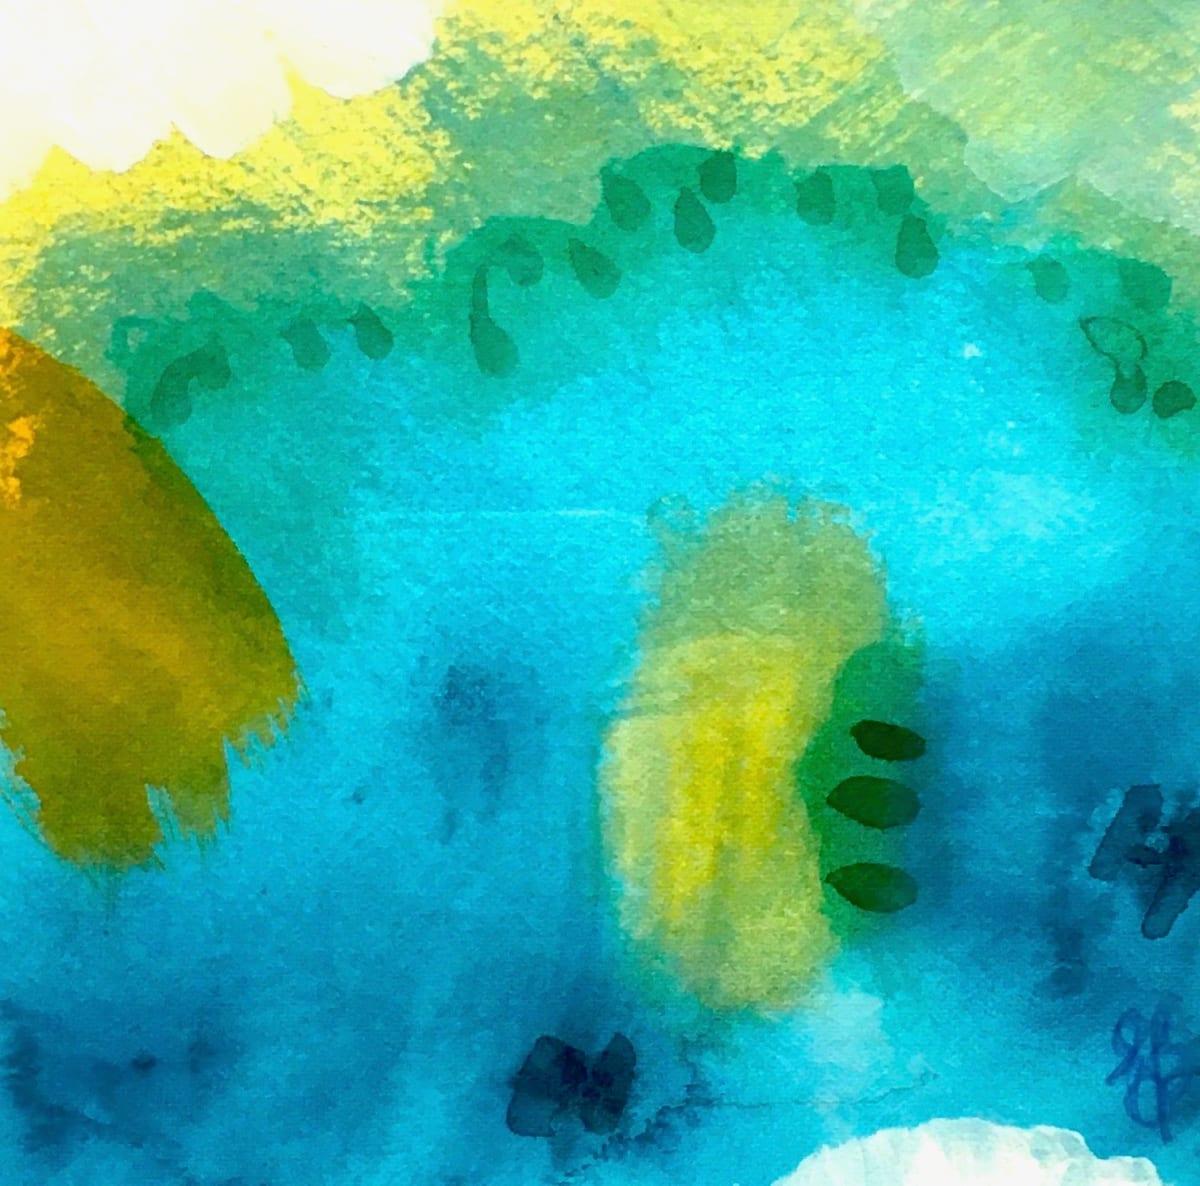 Ocean Joy no.6 by Julea Boswell